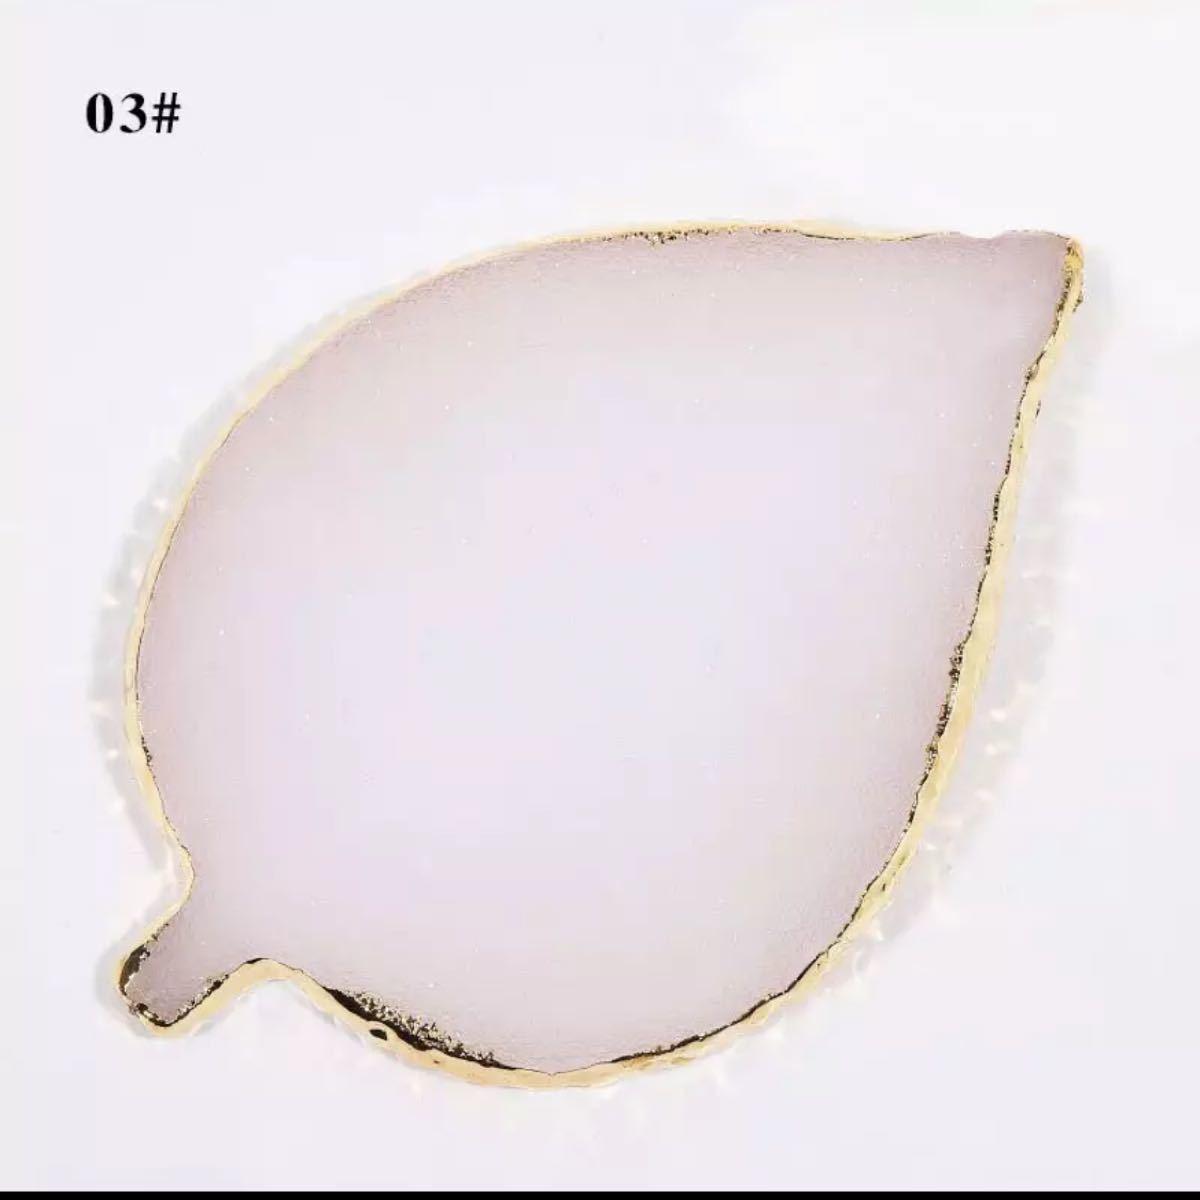 訳あり【葉っぱ型 ホワイト】ネイル パレット・プレート 大理石風